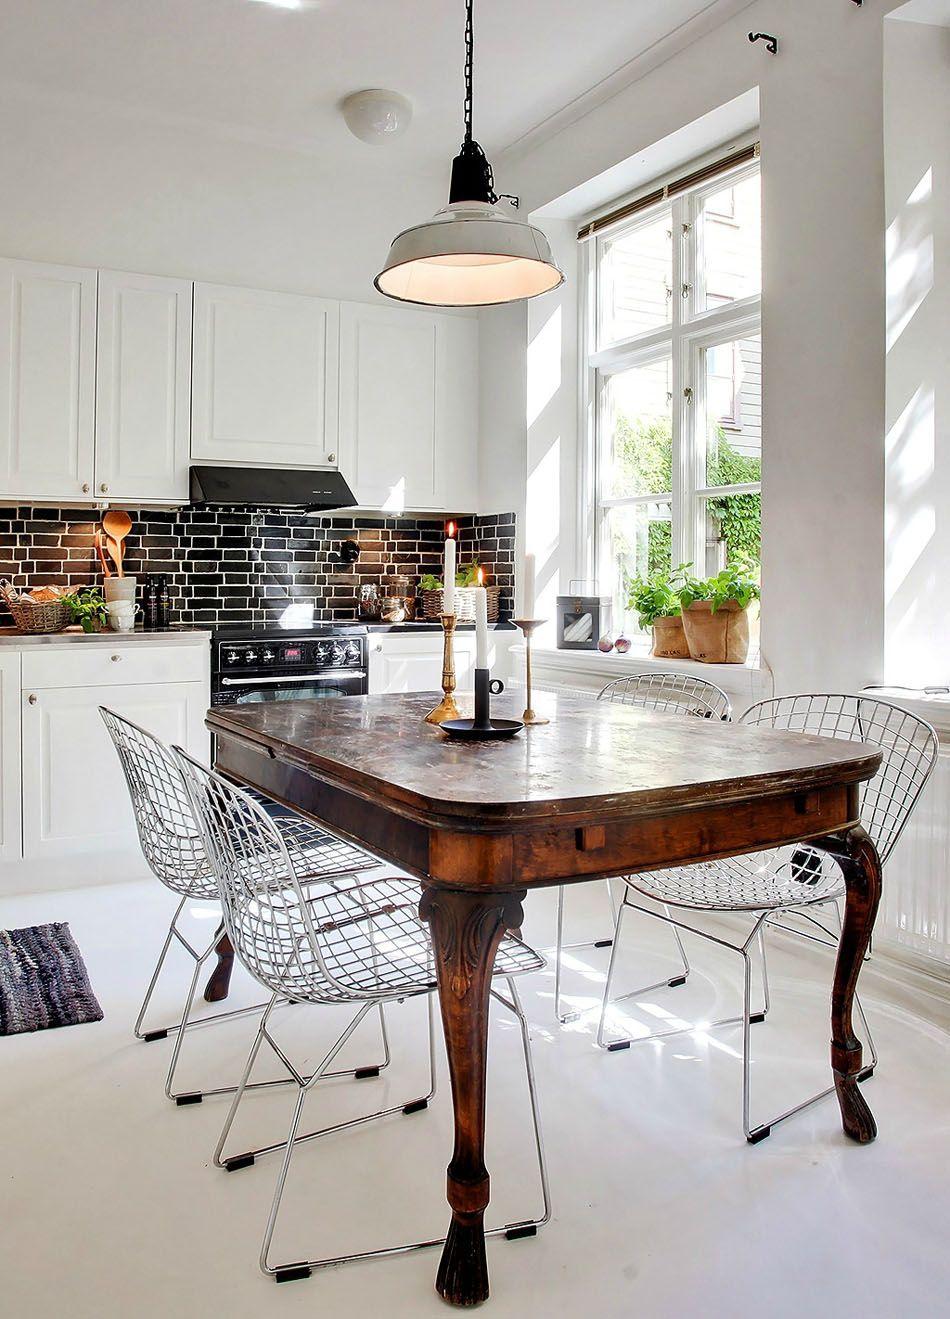 Chaises Design Devenues Le Bijou Déco Dans Lameublement Dune - Chaise chene clair salle a manger pour idees de deco de cuisine